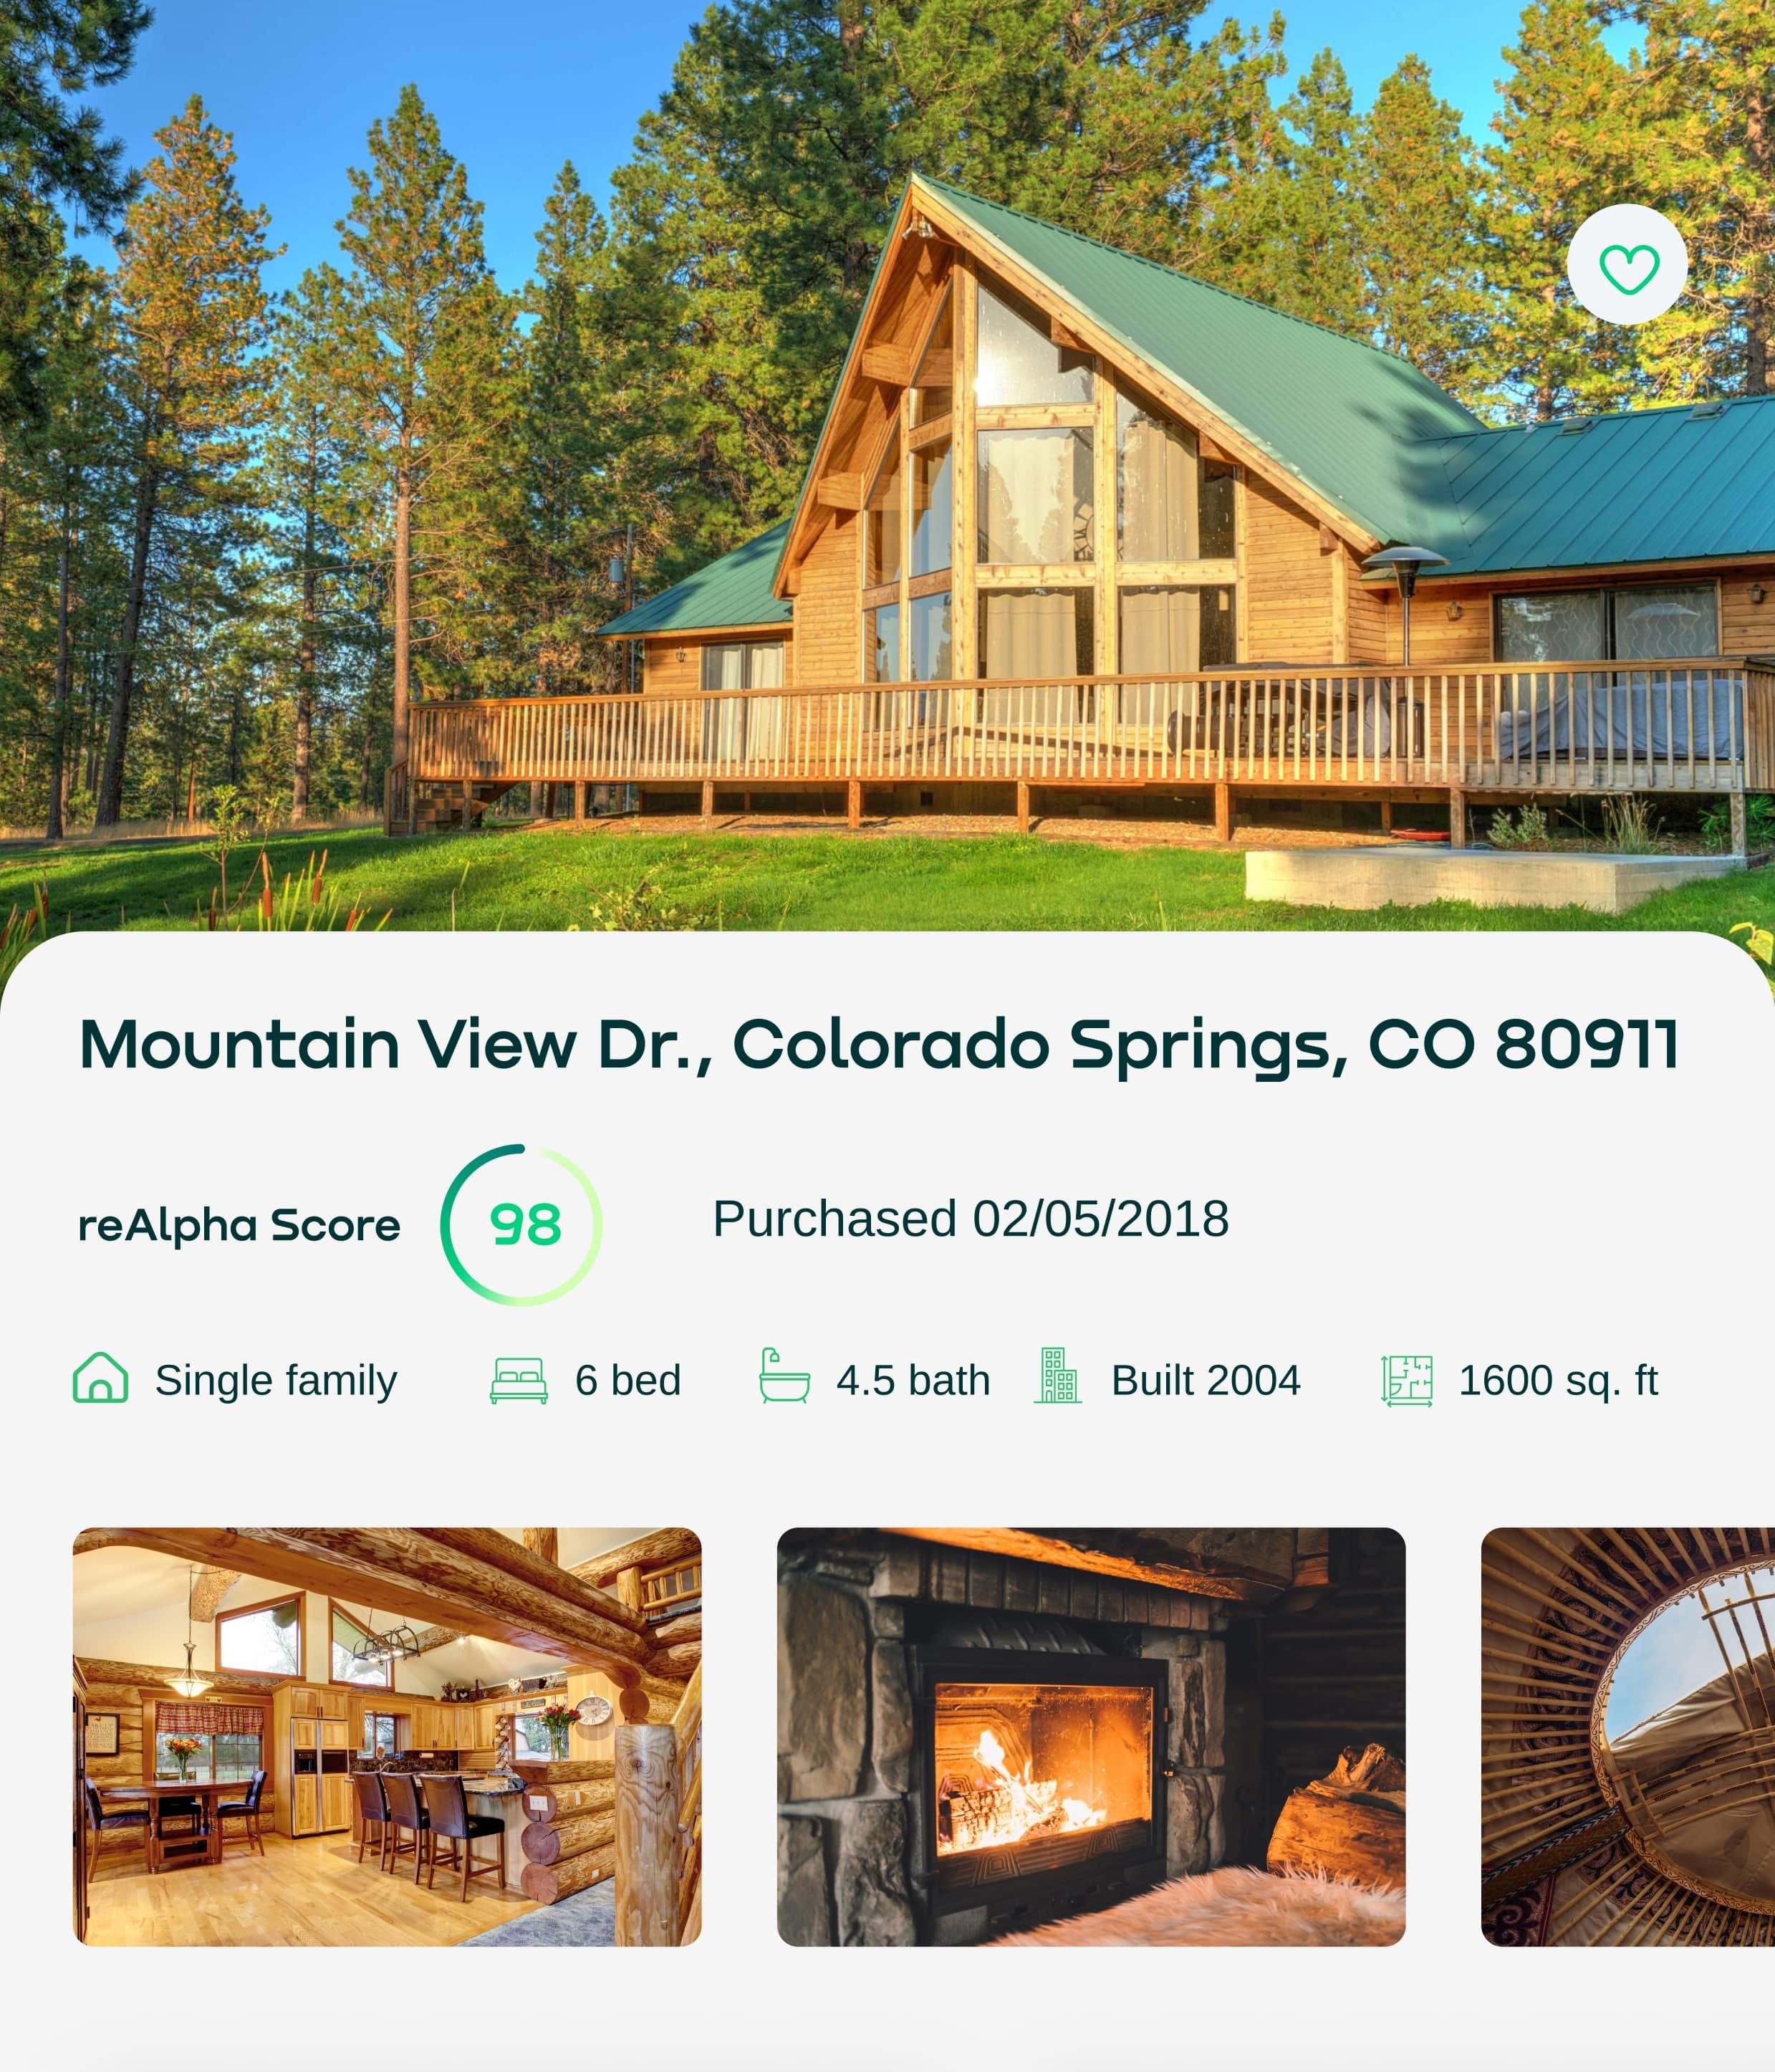 Mountain View Dr., Colorado Springs, CO 80911. ReAlpha score: 98